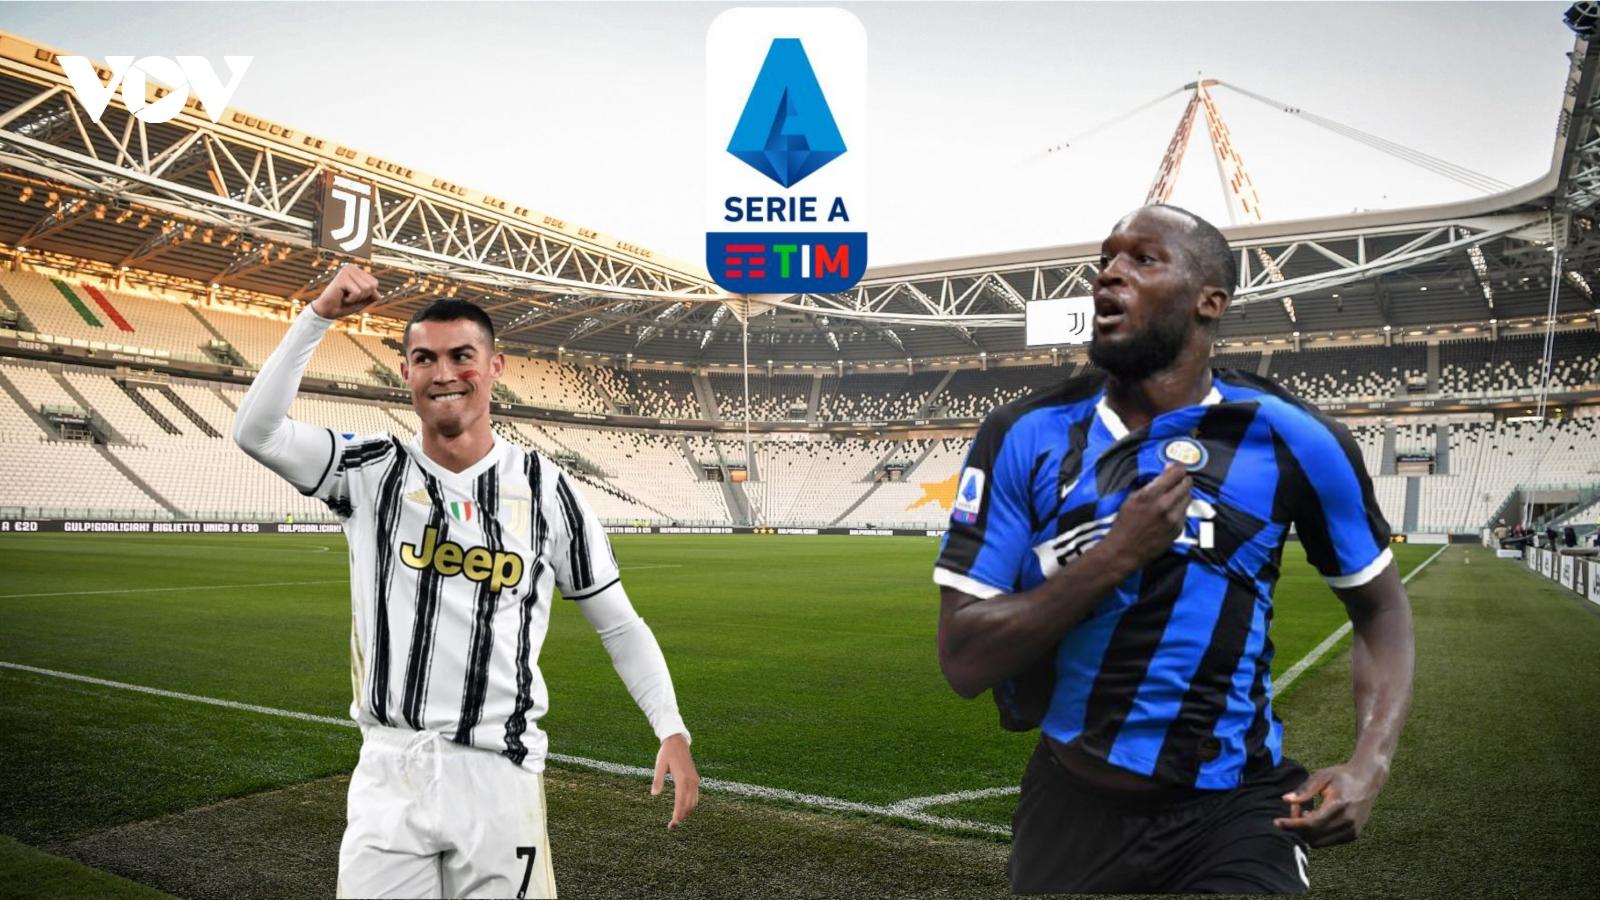 Dự đoán kết quả, đội hình xuất phát trận Juventus - Inter